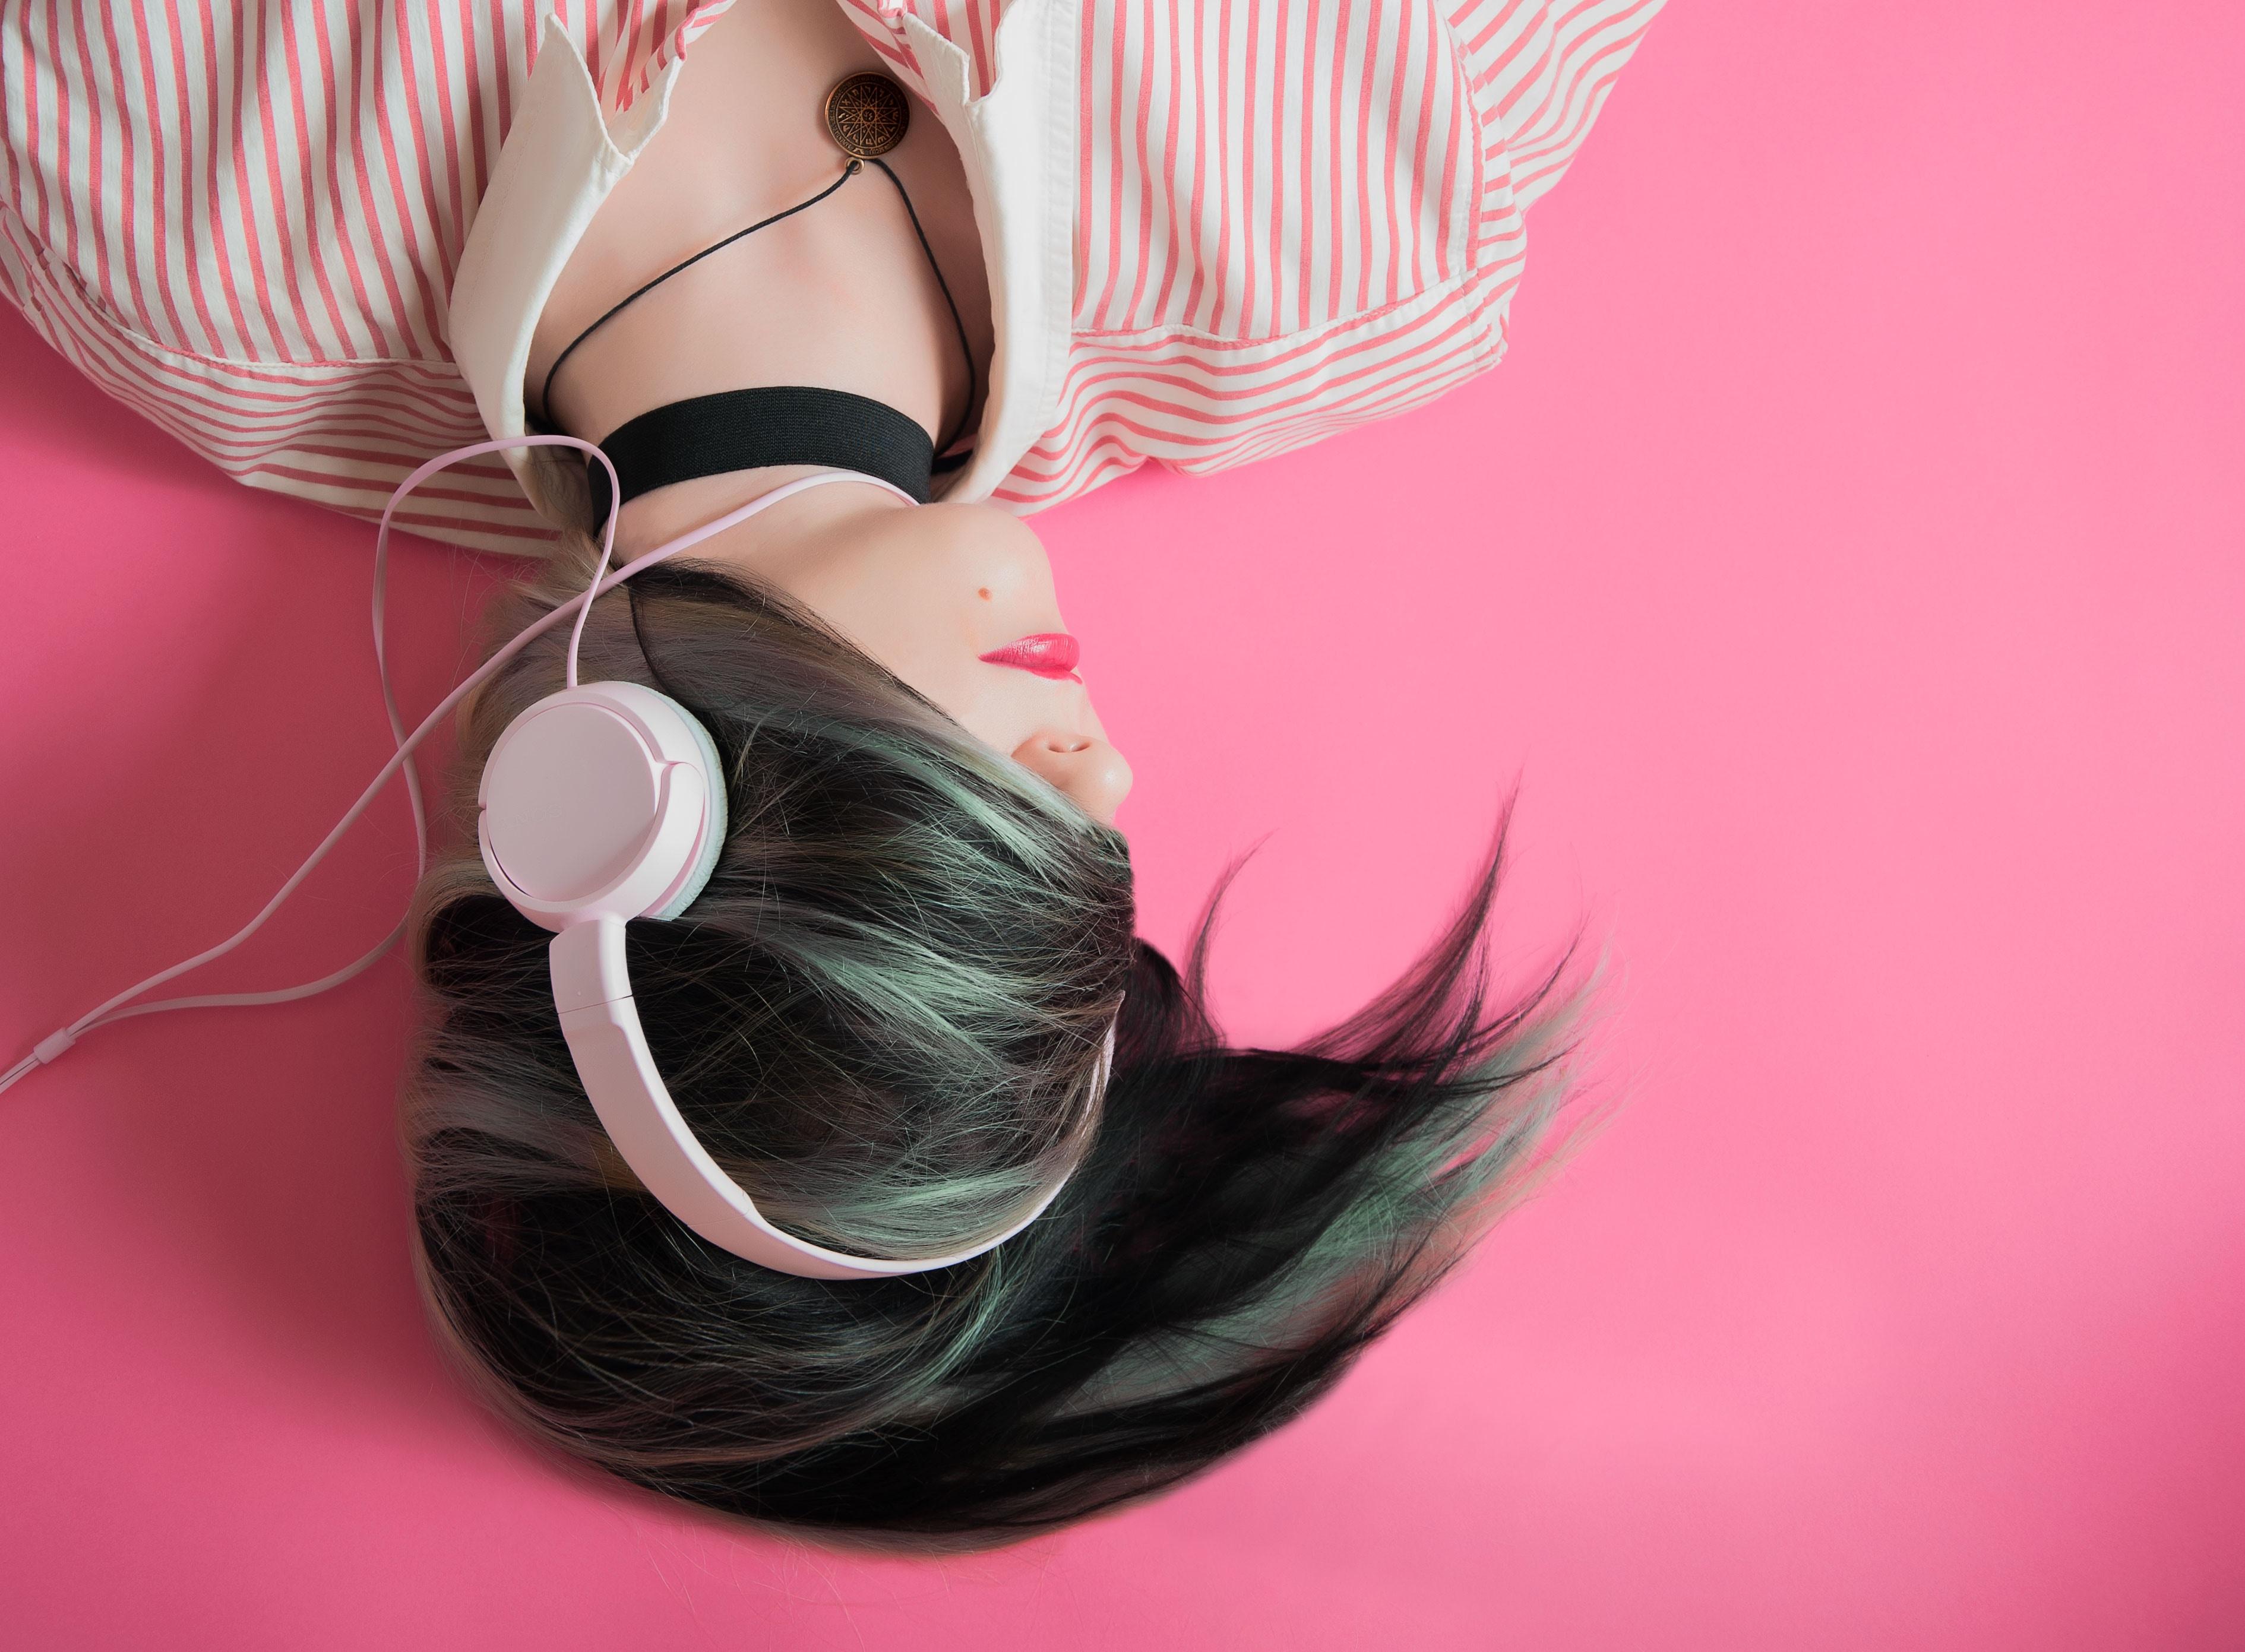 157100 скачать обои Музыка, Наушники, Девушка, Меломан, Розовый, Волосы - заставки и картинки бесплатно